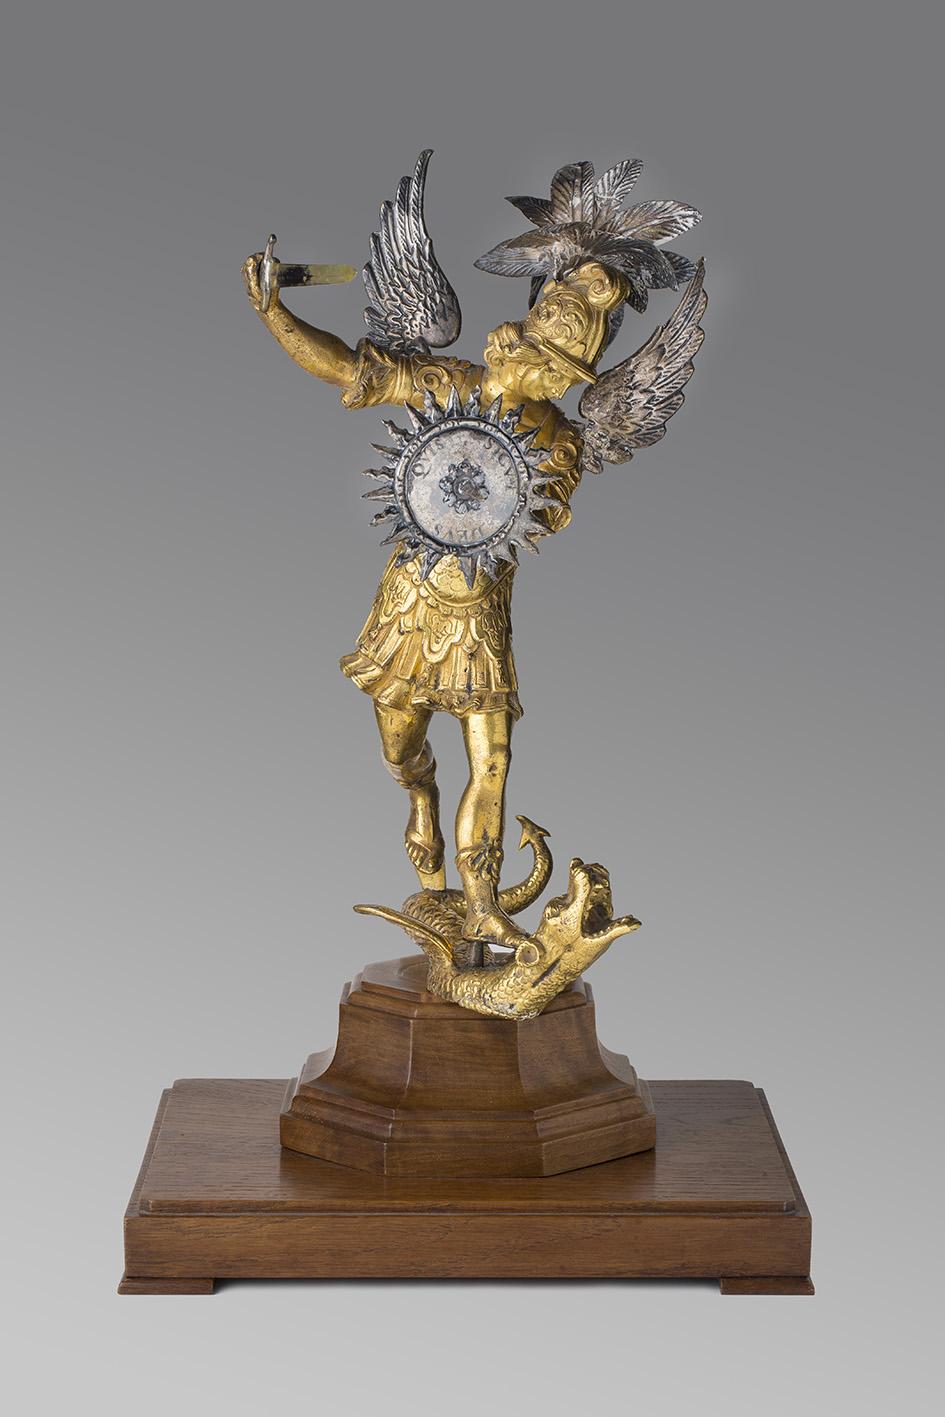 Saint Michael the Archangel, Naples